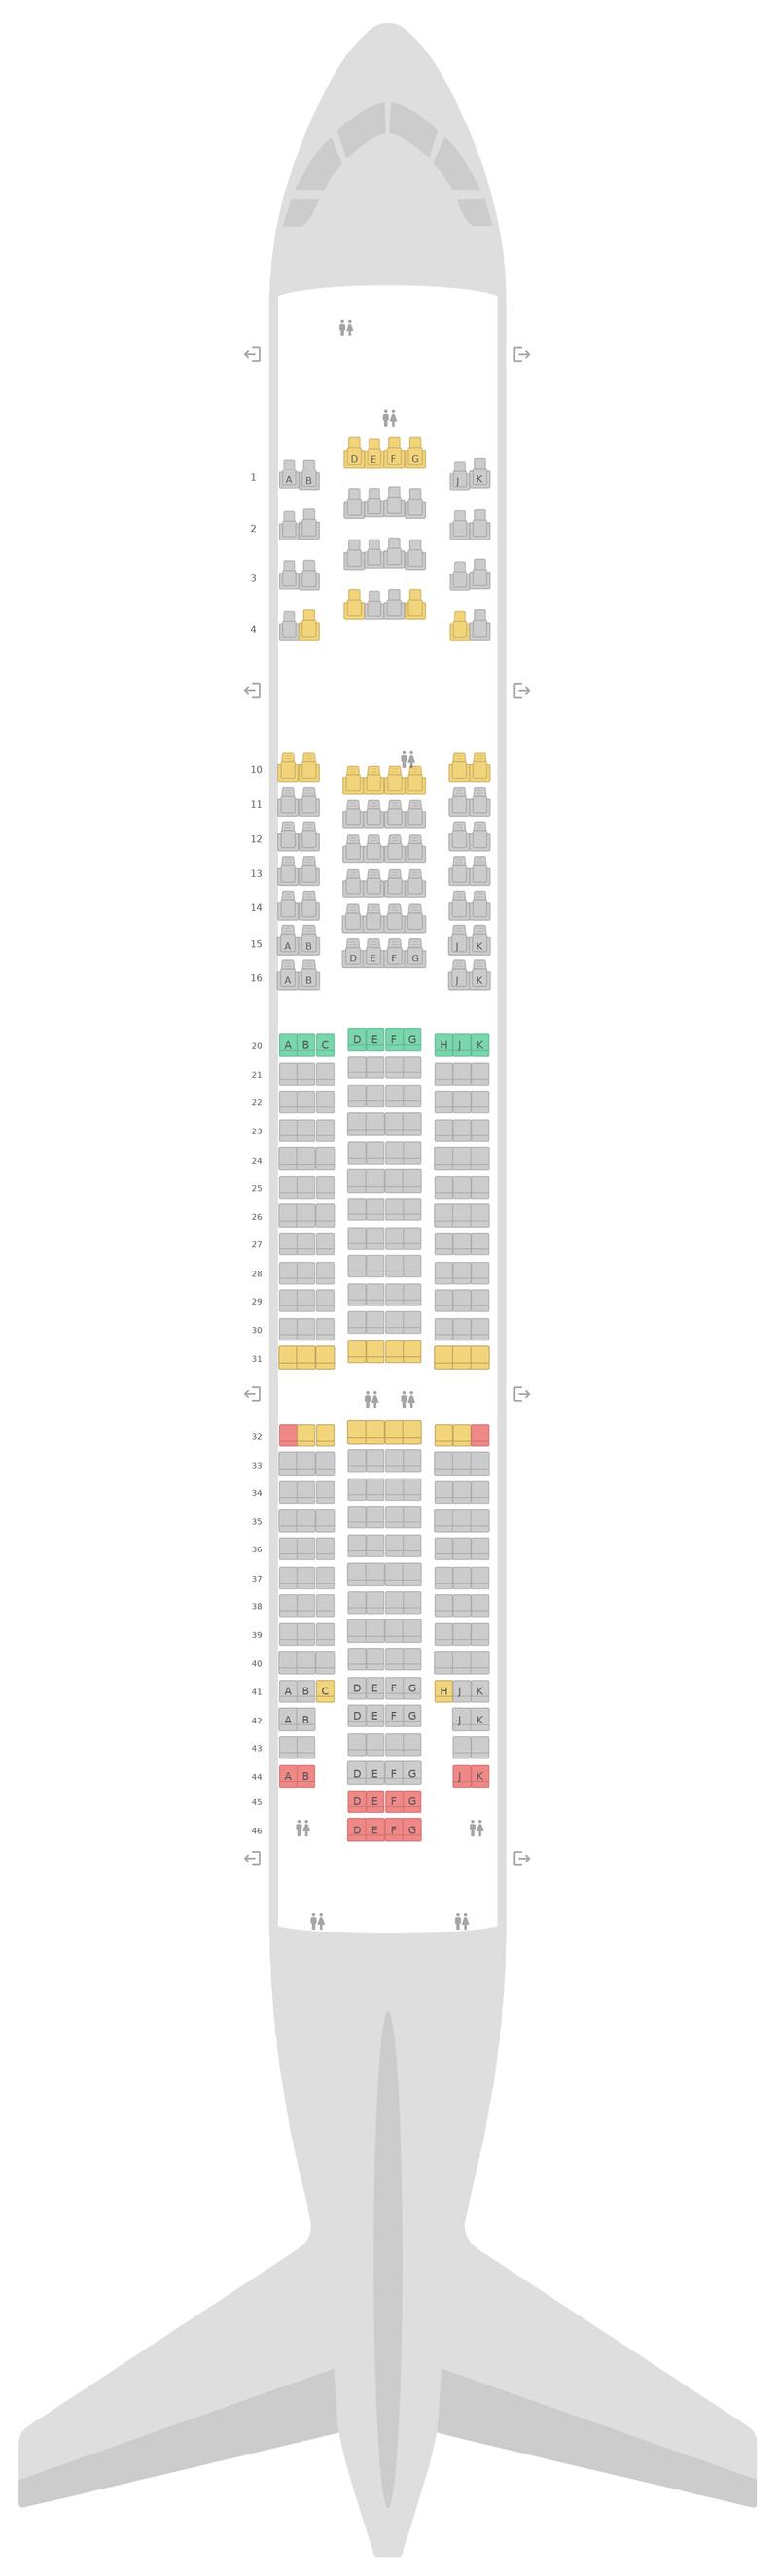 Схема салона Боинг 777-200 (777) 3 Class v2 Бритиш Эйрвейз